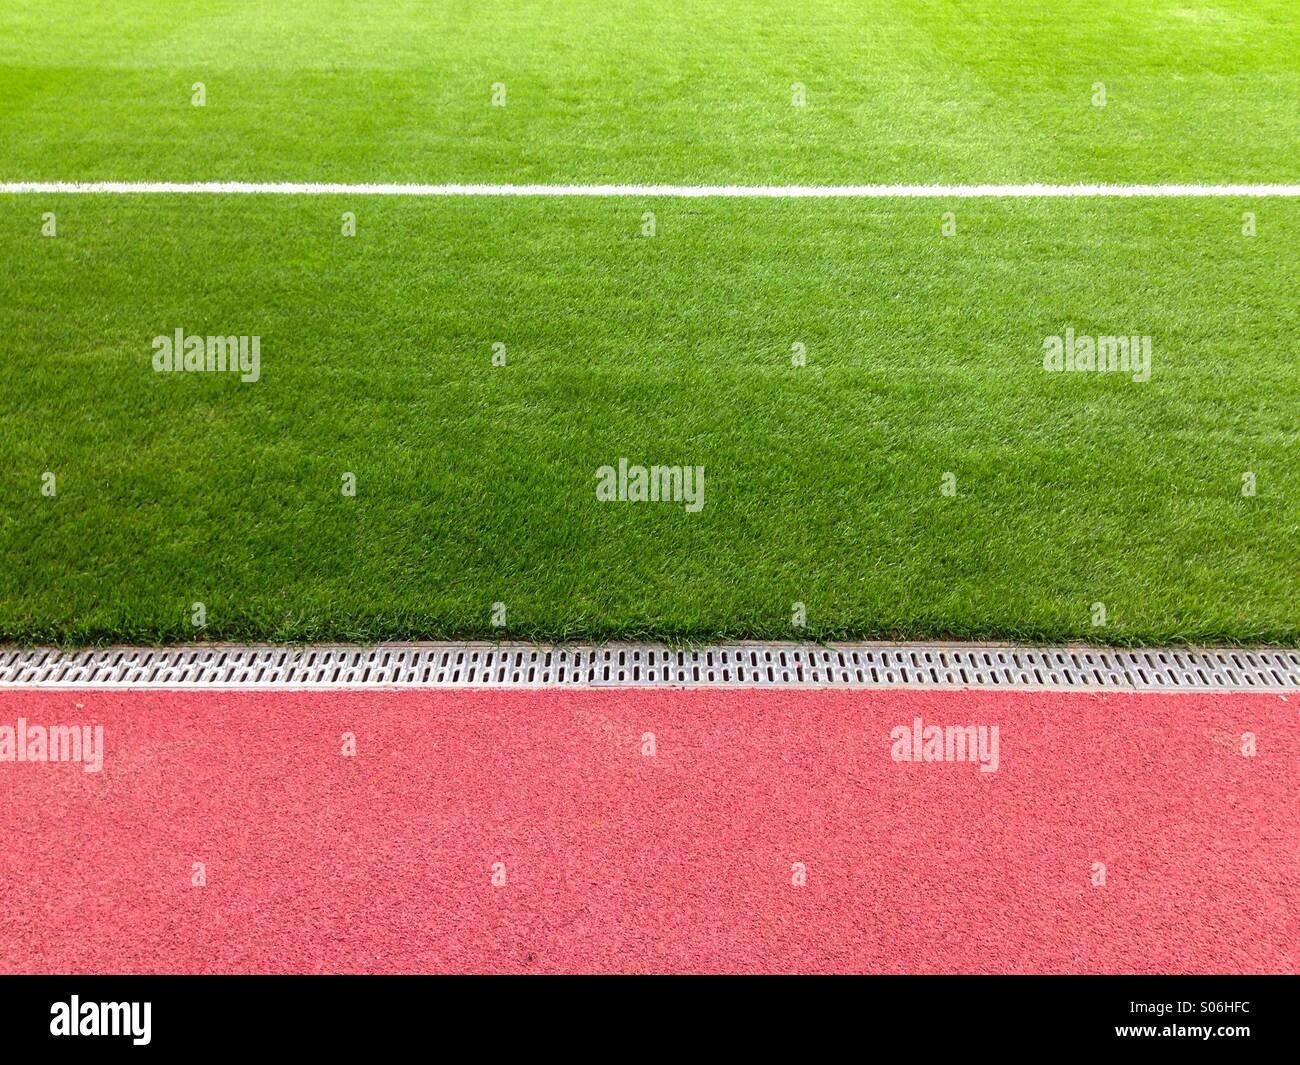 L'écart sur un terrain de football Photo Stock